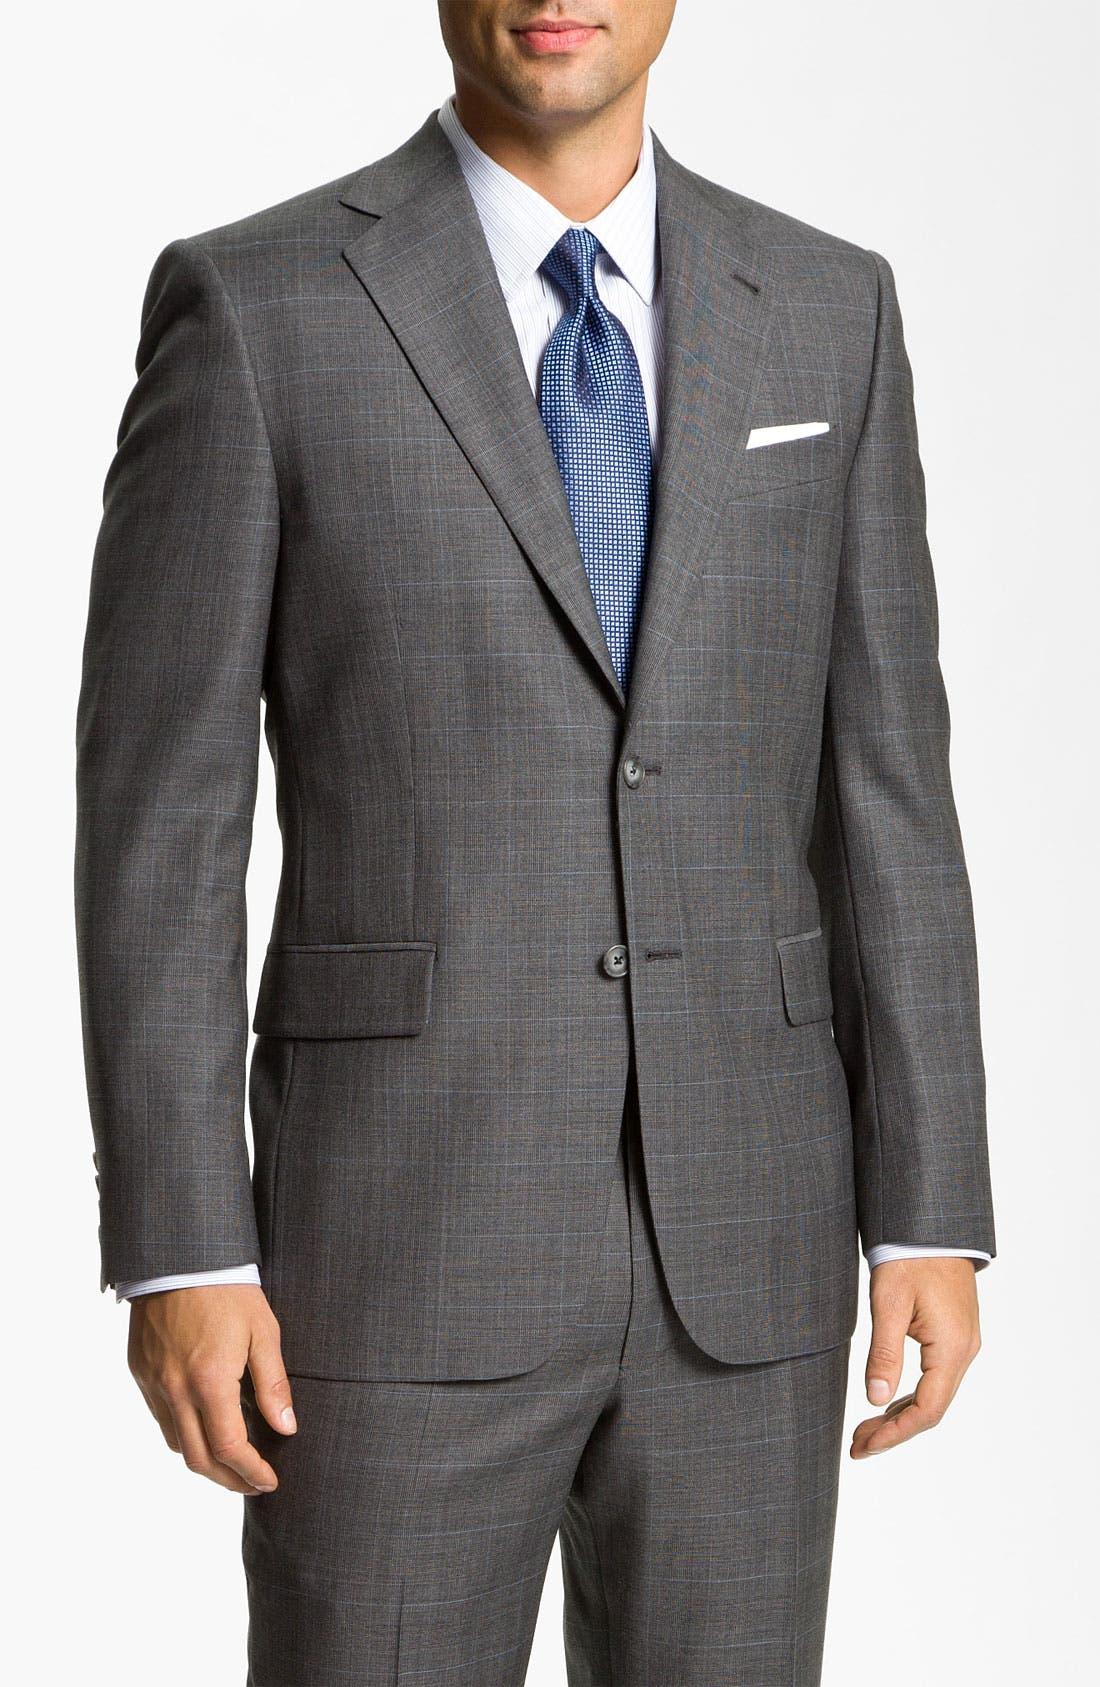 Main Image - Joseph Abboud 'Signature Silver' Plaid Suit